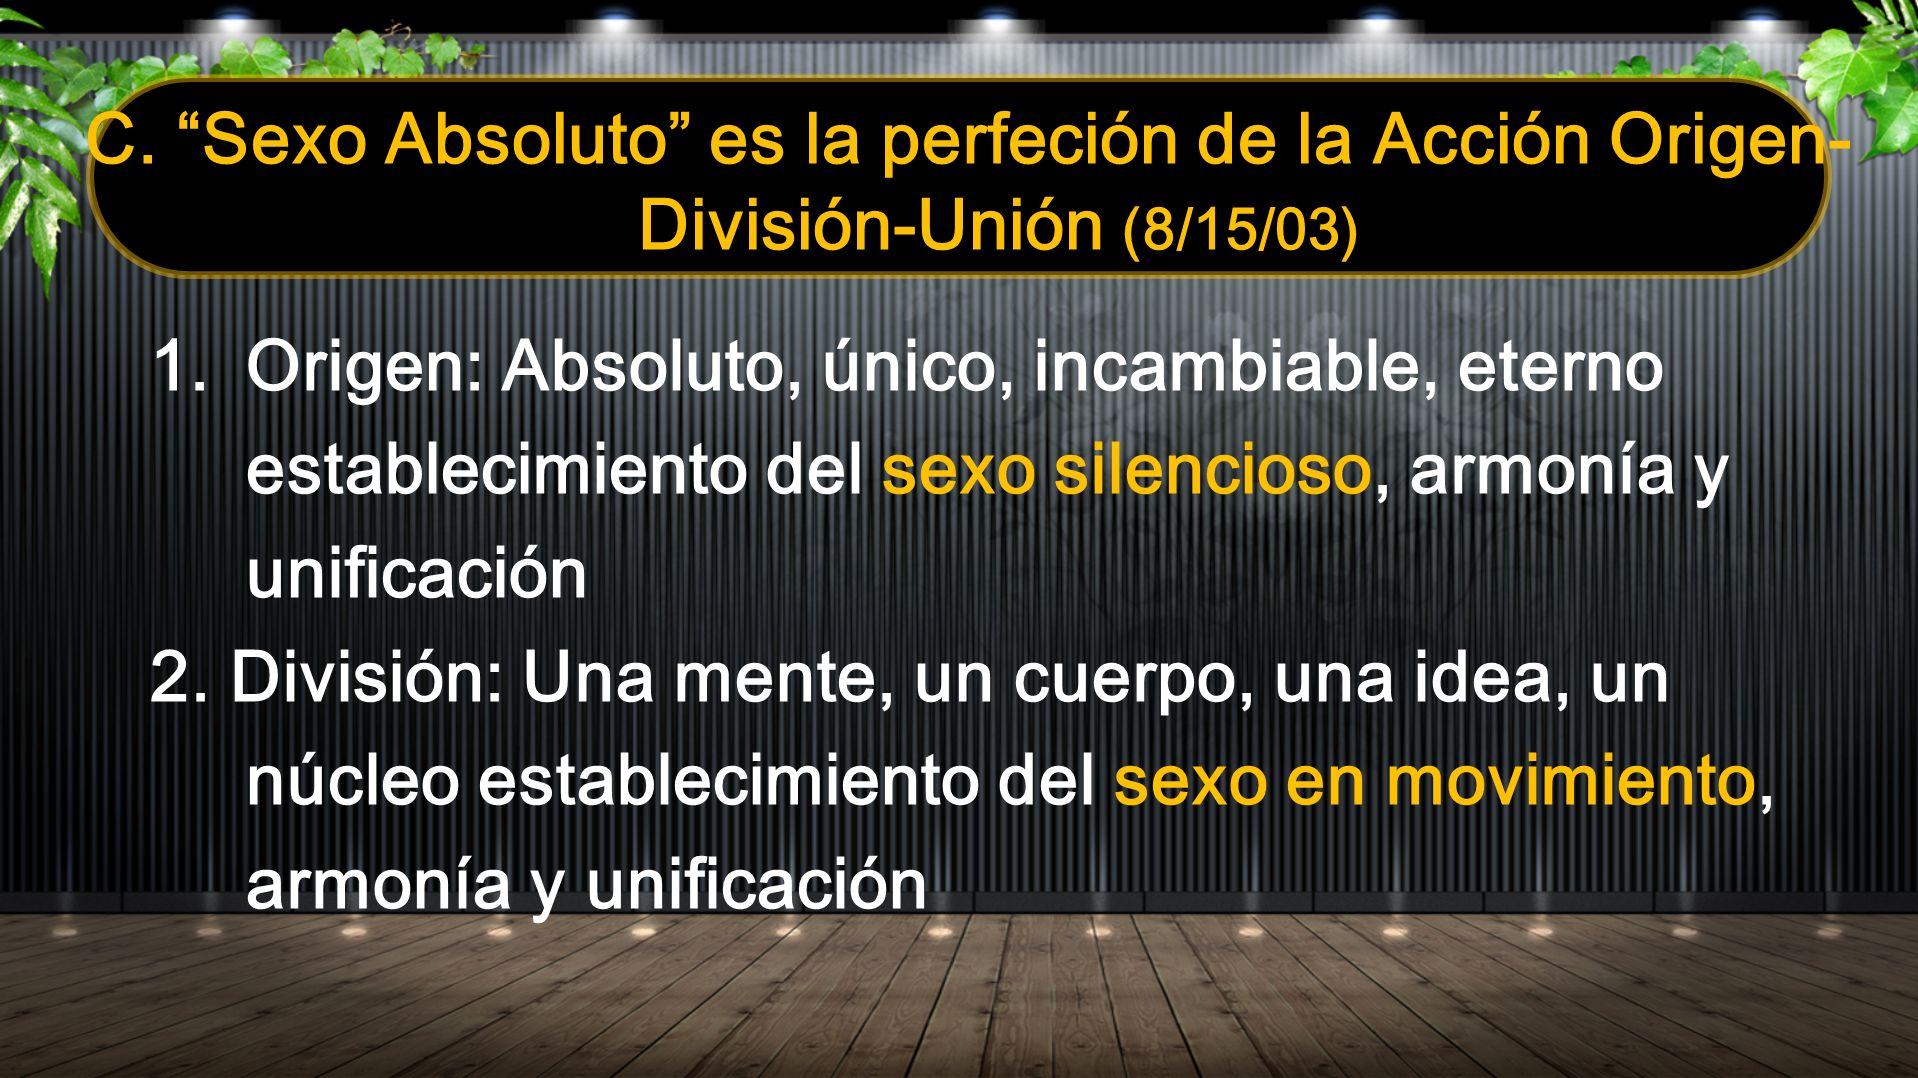 C. Sexo Absoluto es la perfeción de la Acción Origen-División-Unión (8/15/03)